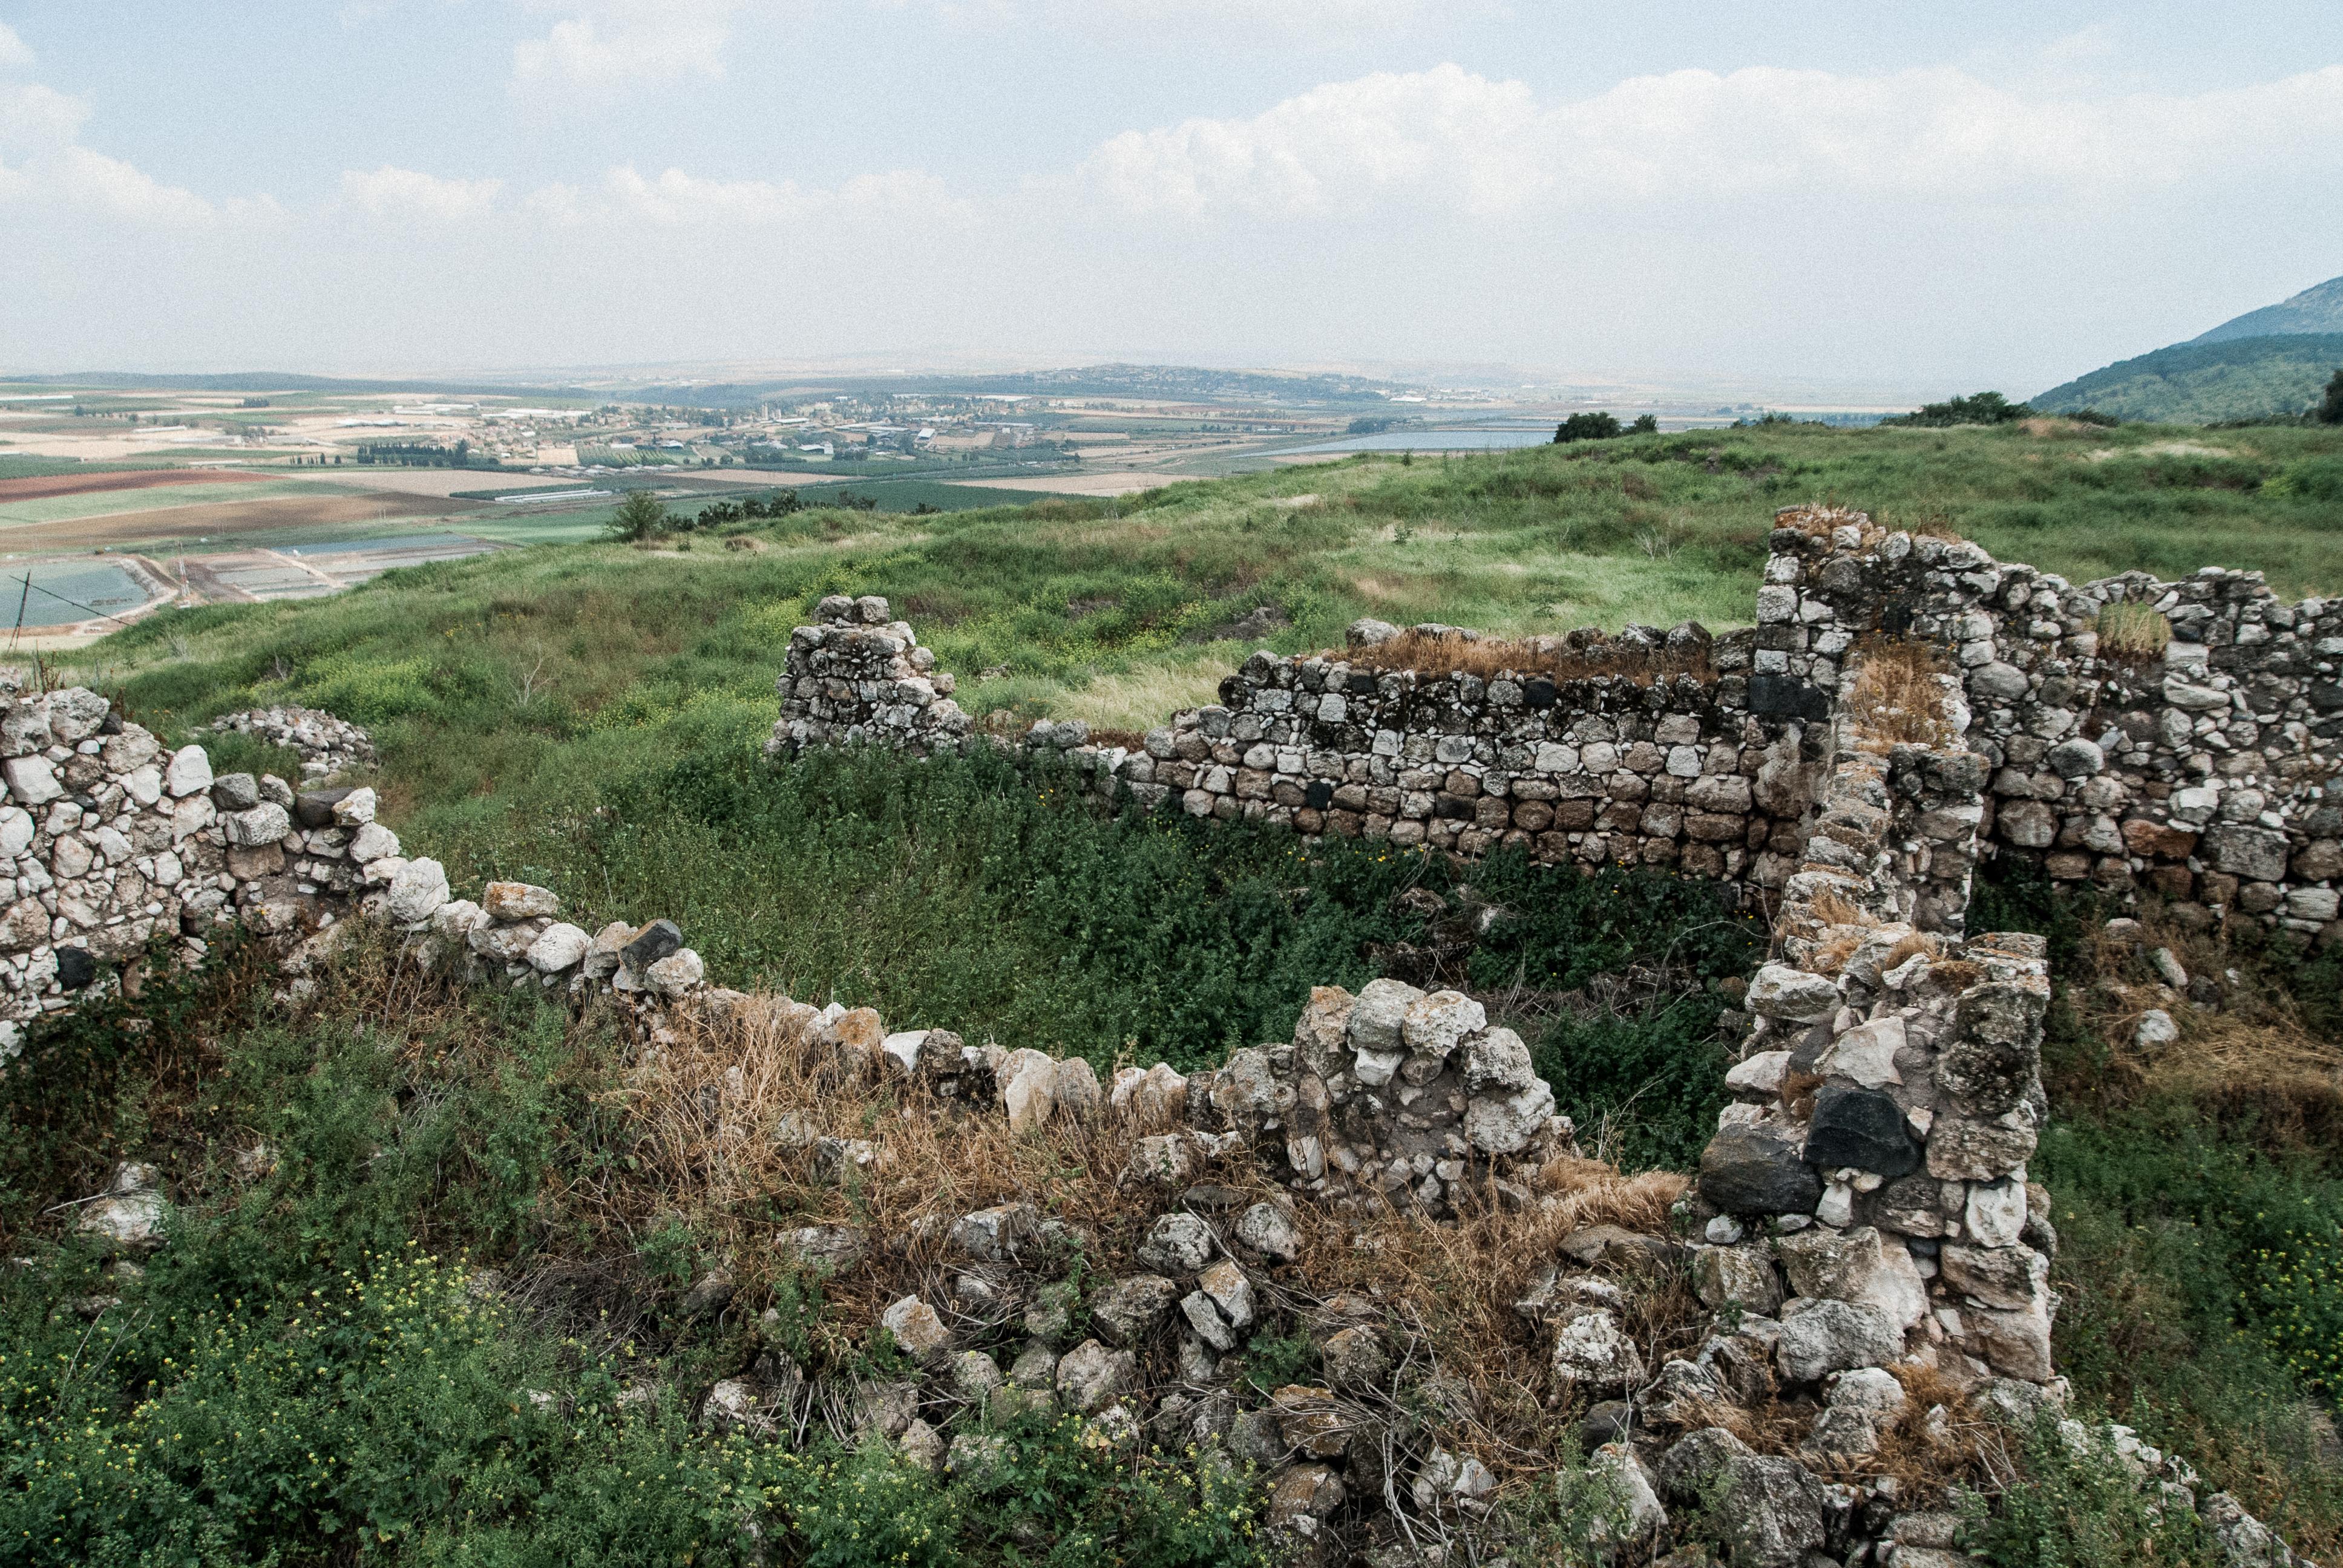 上图:耶斯列遗址(Tel Jezreel),位于耶斯列平原东南角的一座小山上,是一个主前9世纪的要塞。